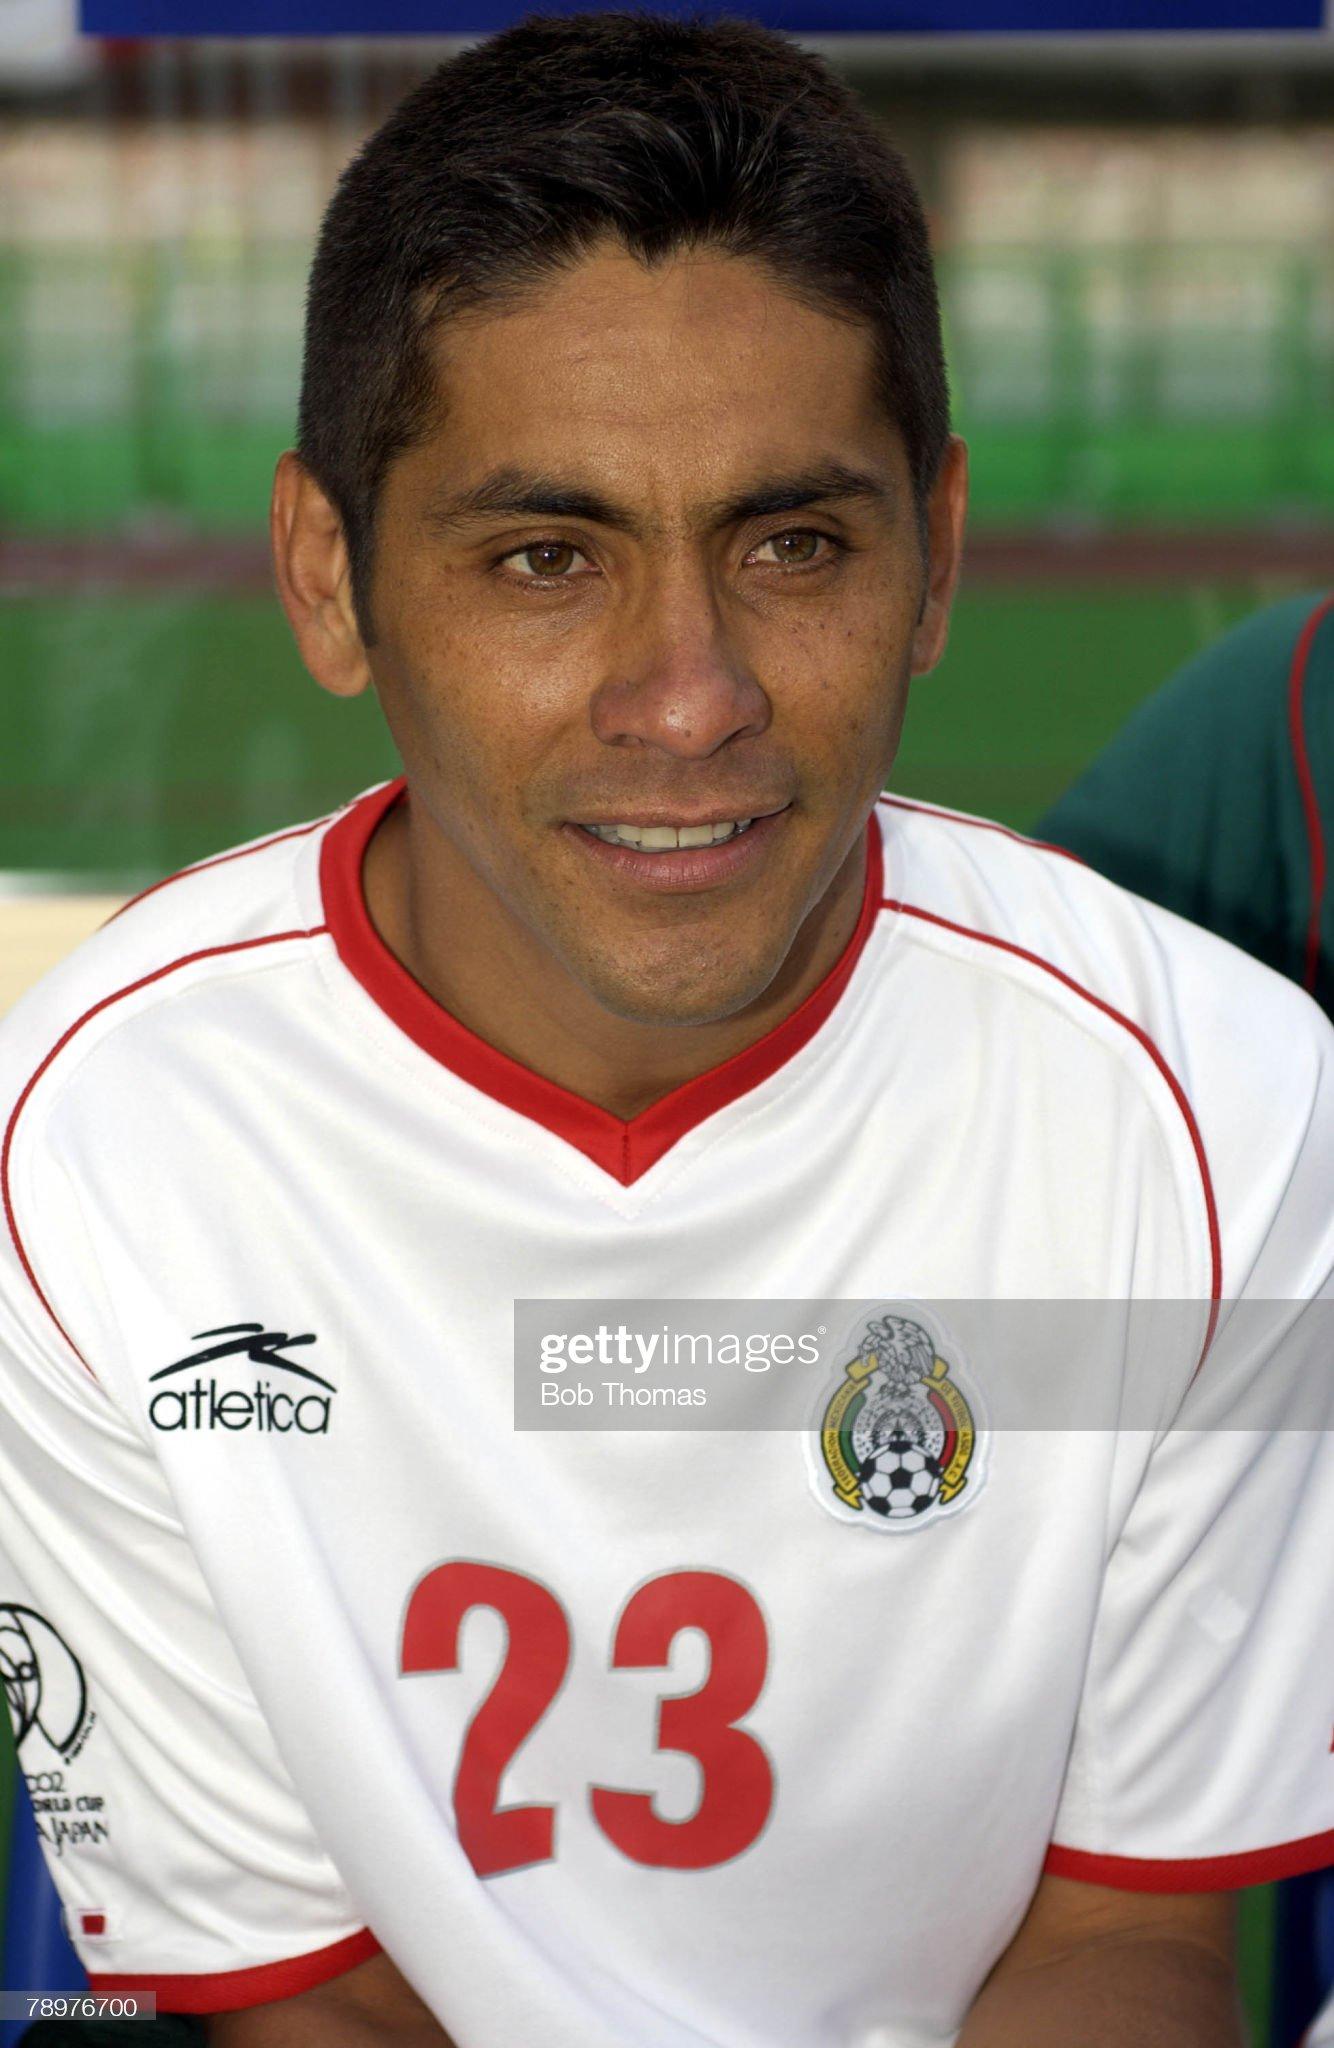 COLOR DE OJOS (clasificación y debate de personas famosas) - Página 4 Football-2002-fifa-world-cup-finals-niigata-japan-3rd-june-2002-1-v-picture-id78976700?s=2048x2048